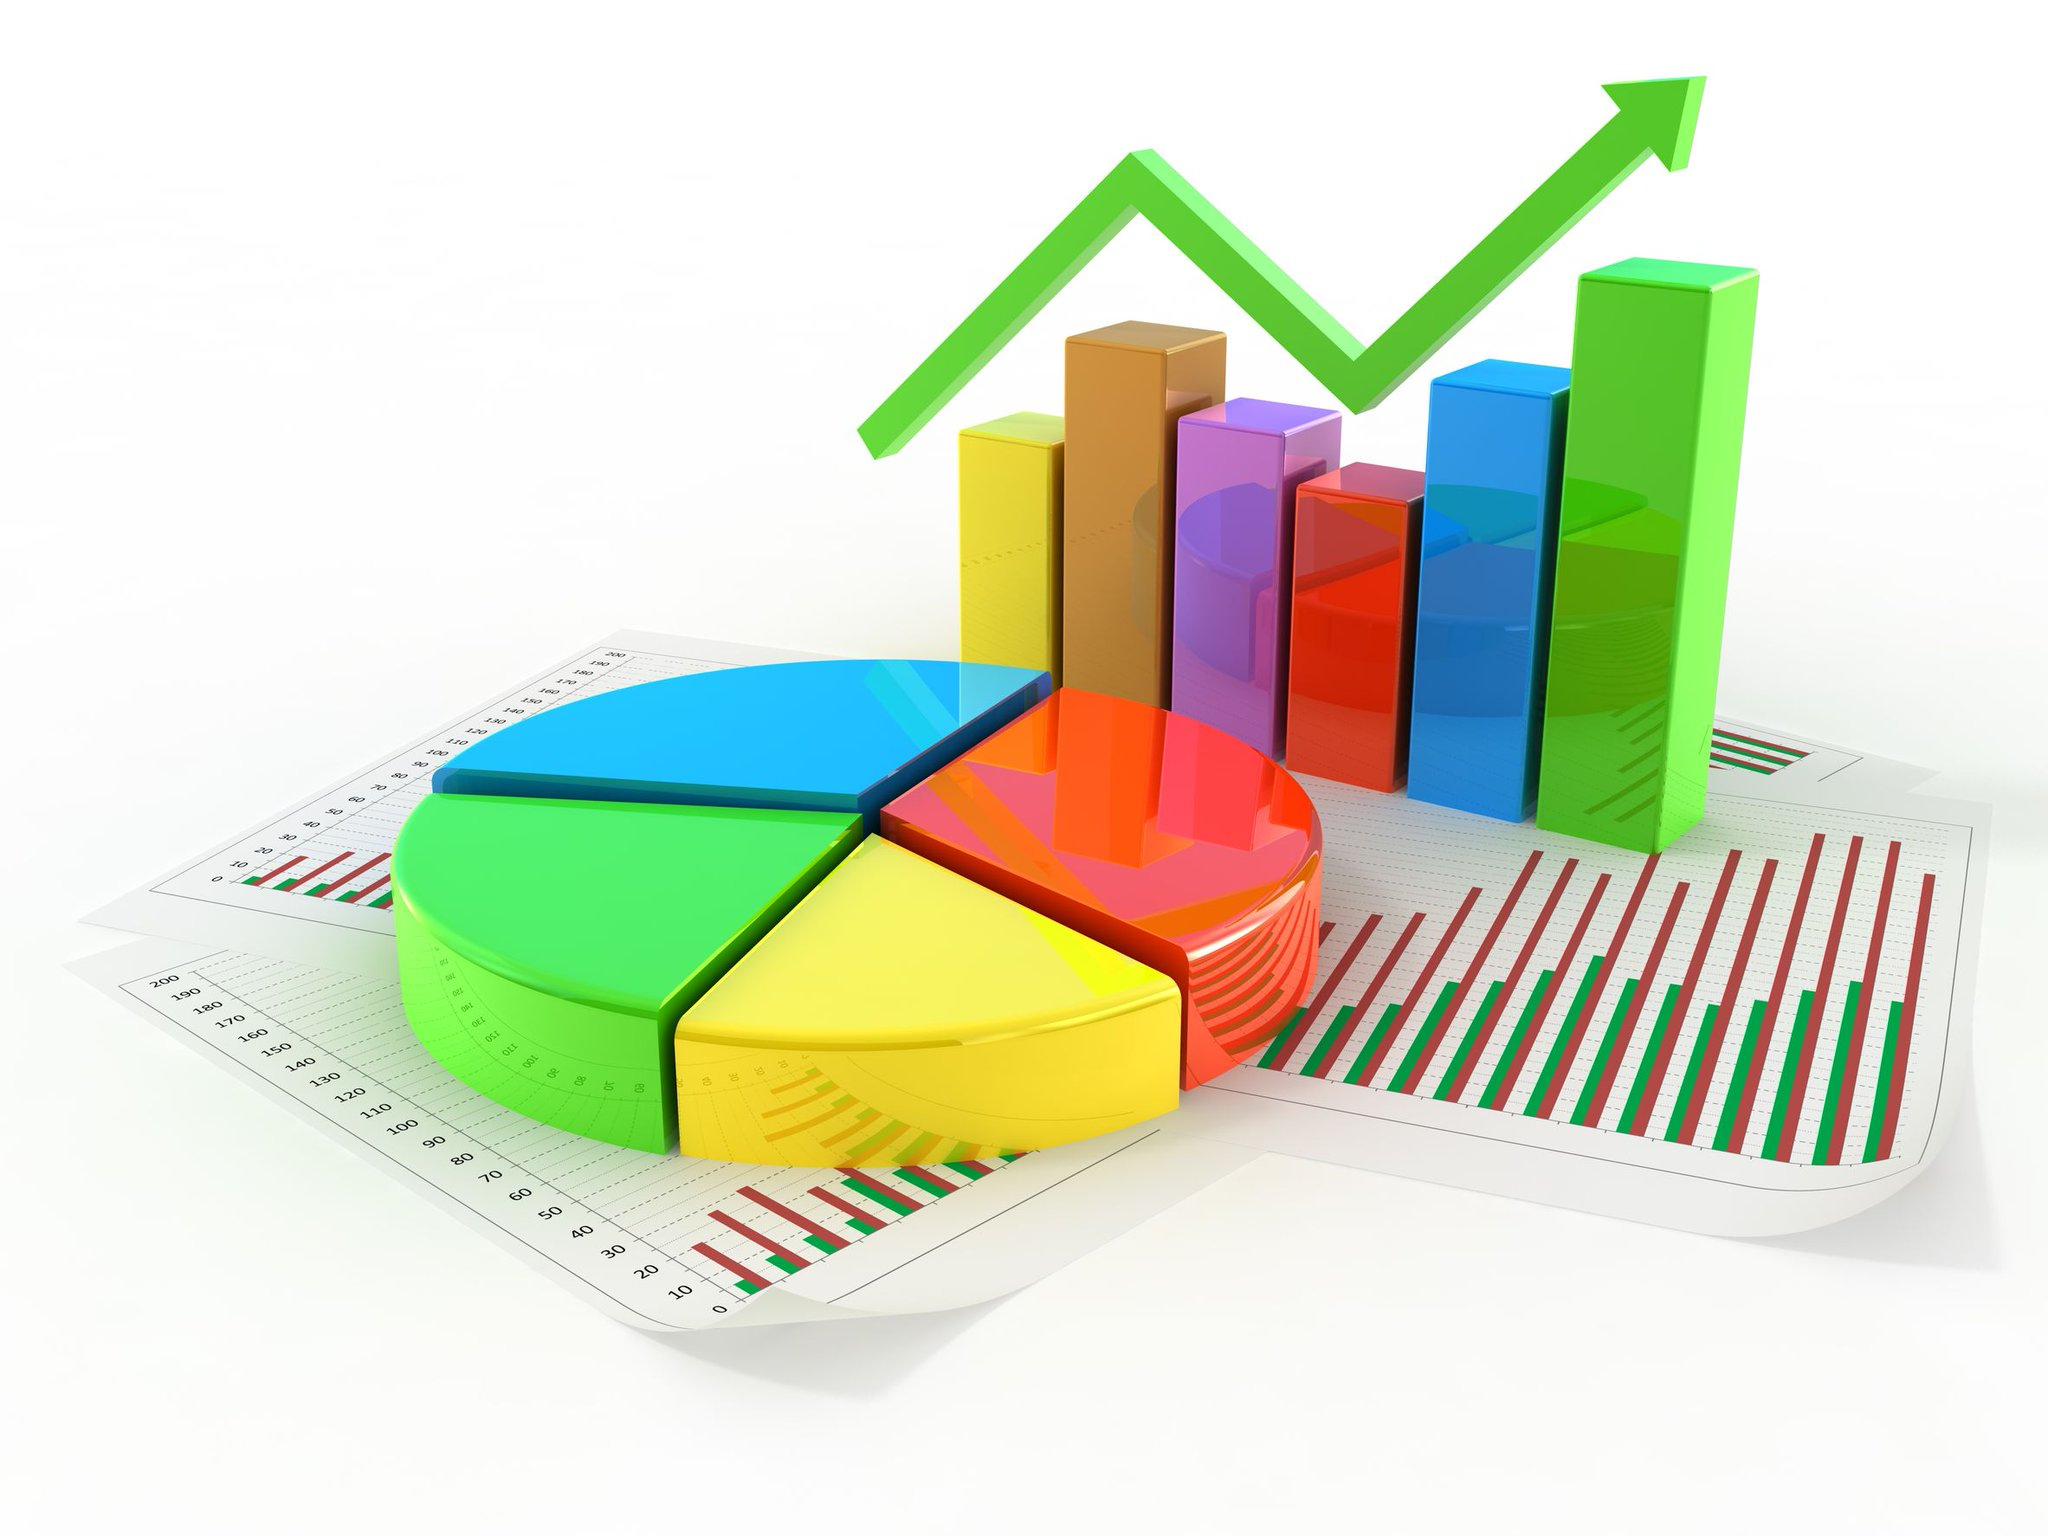 продаже картинки отчетности в графиках нашем